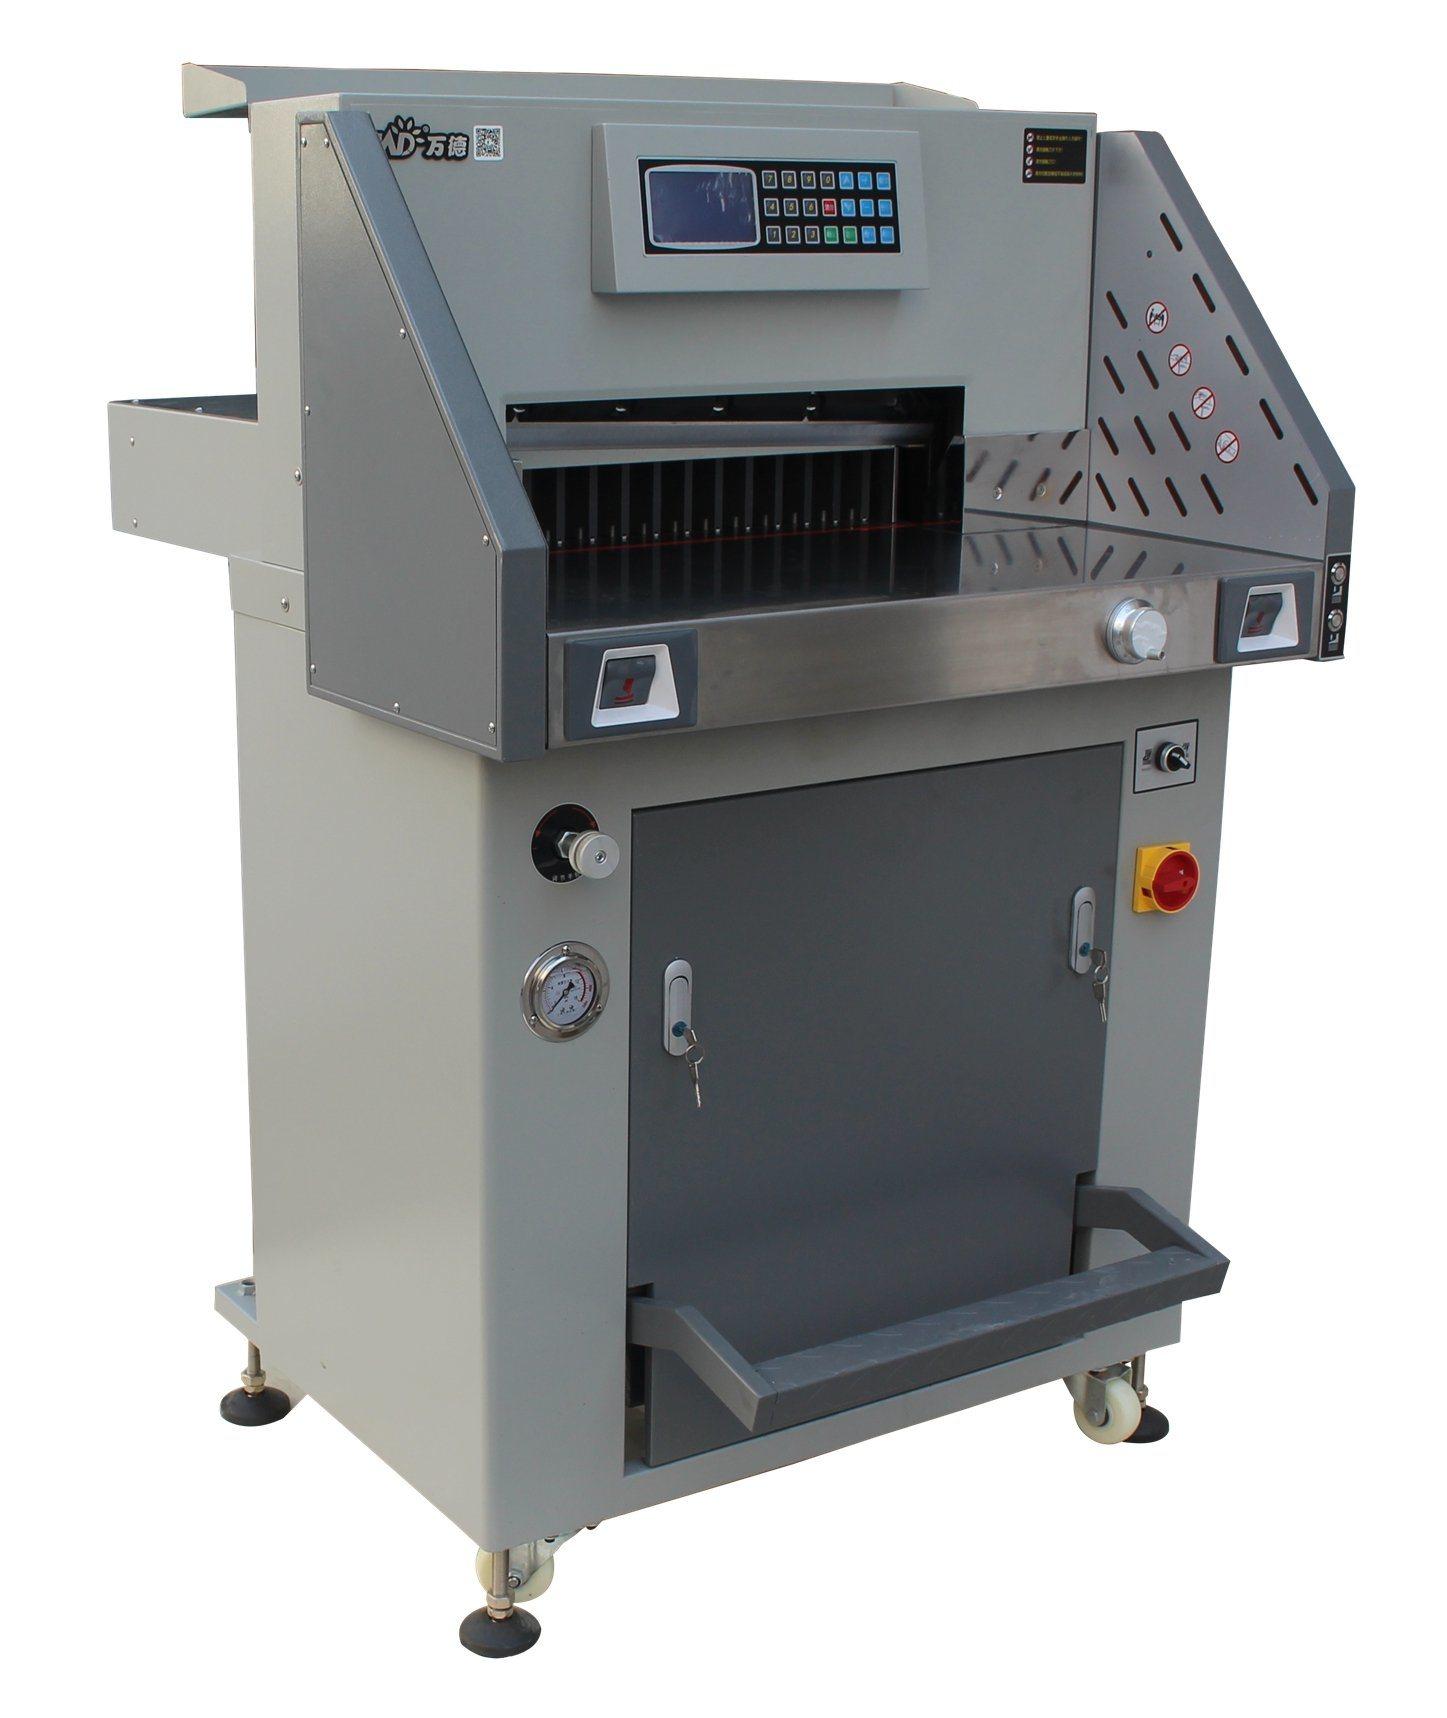 Hydraulic Digital Control Paper Cutting Machine (480mm 18 Inch WD-490R)